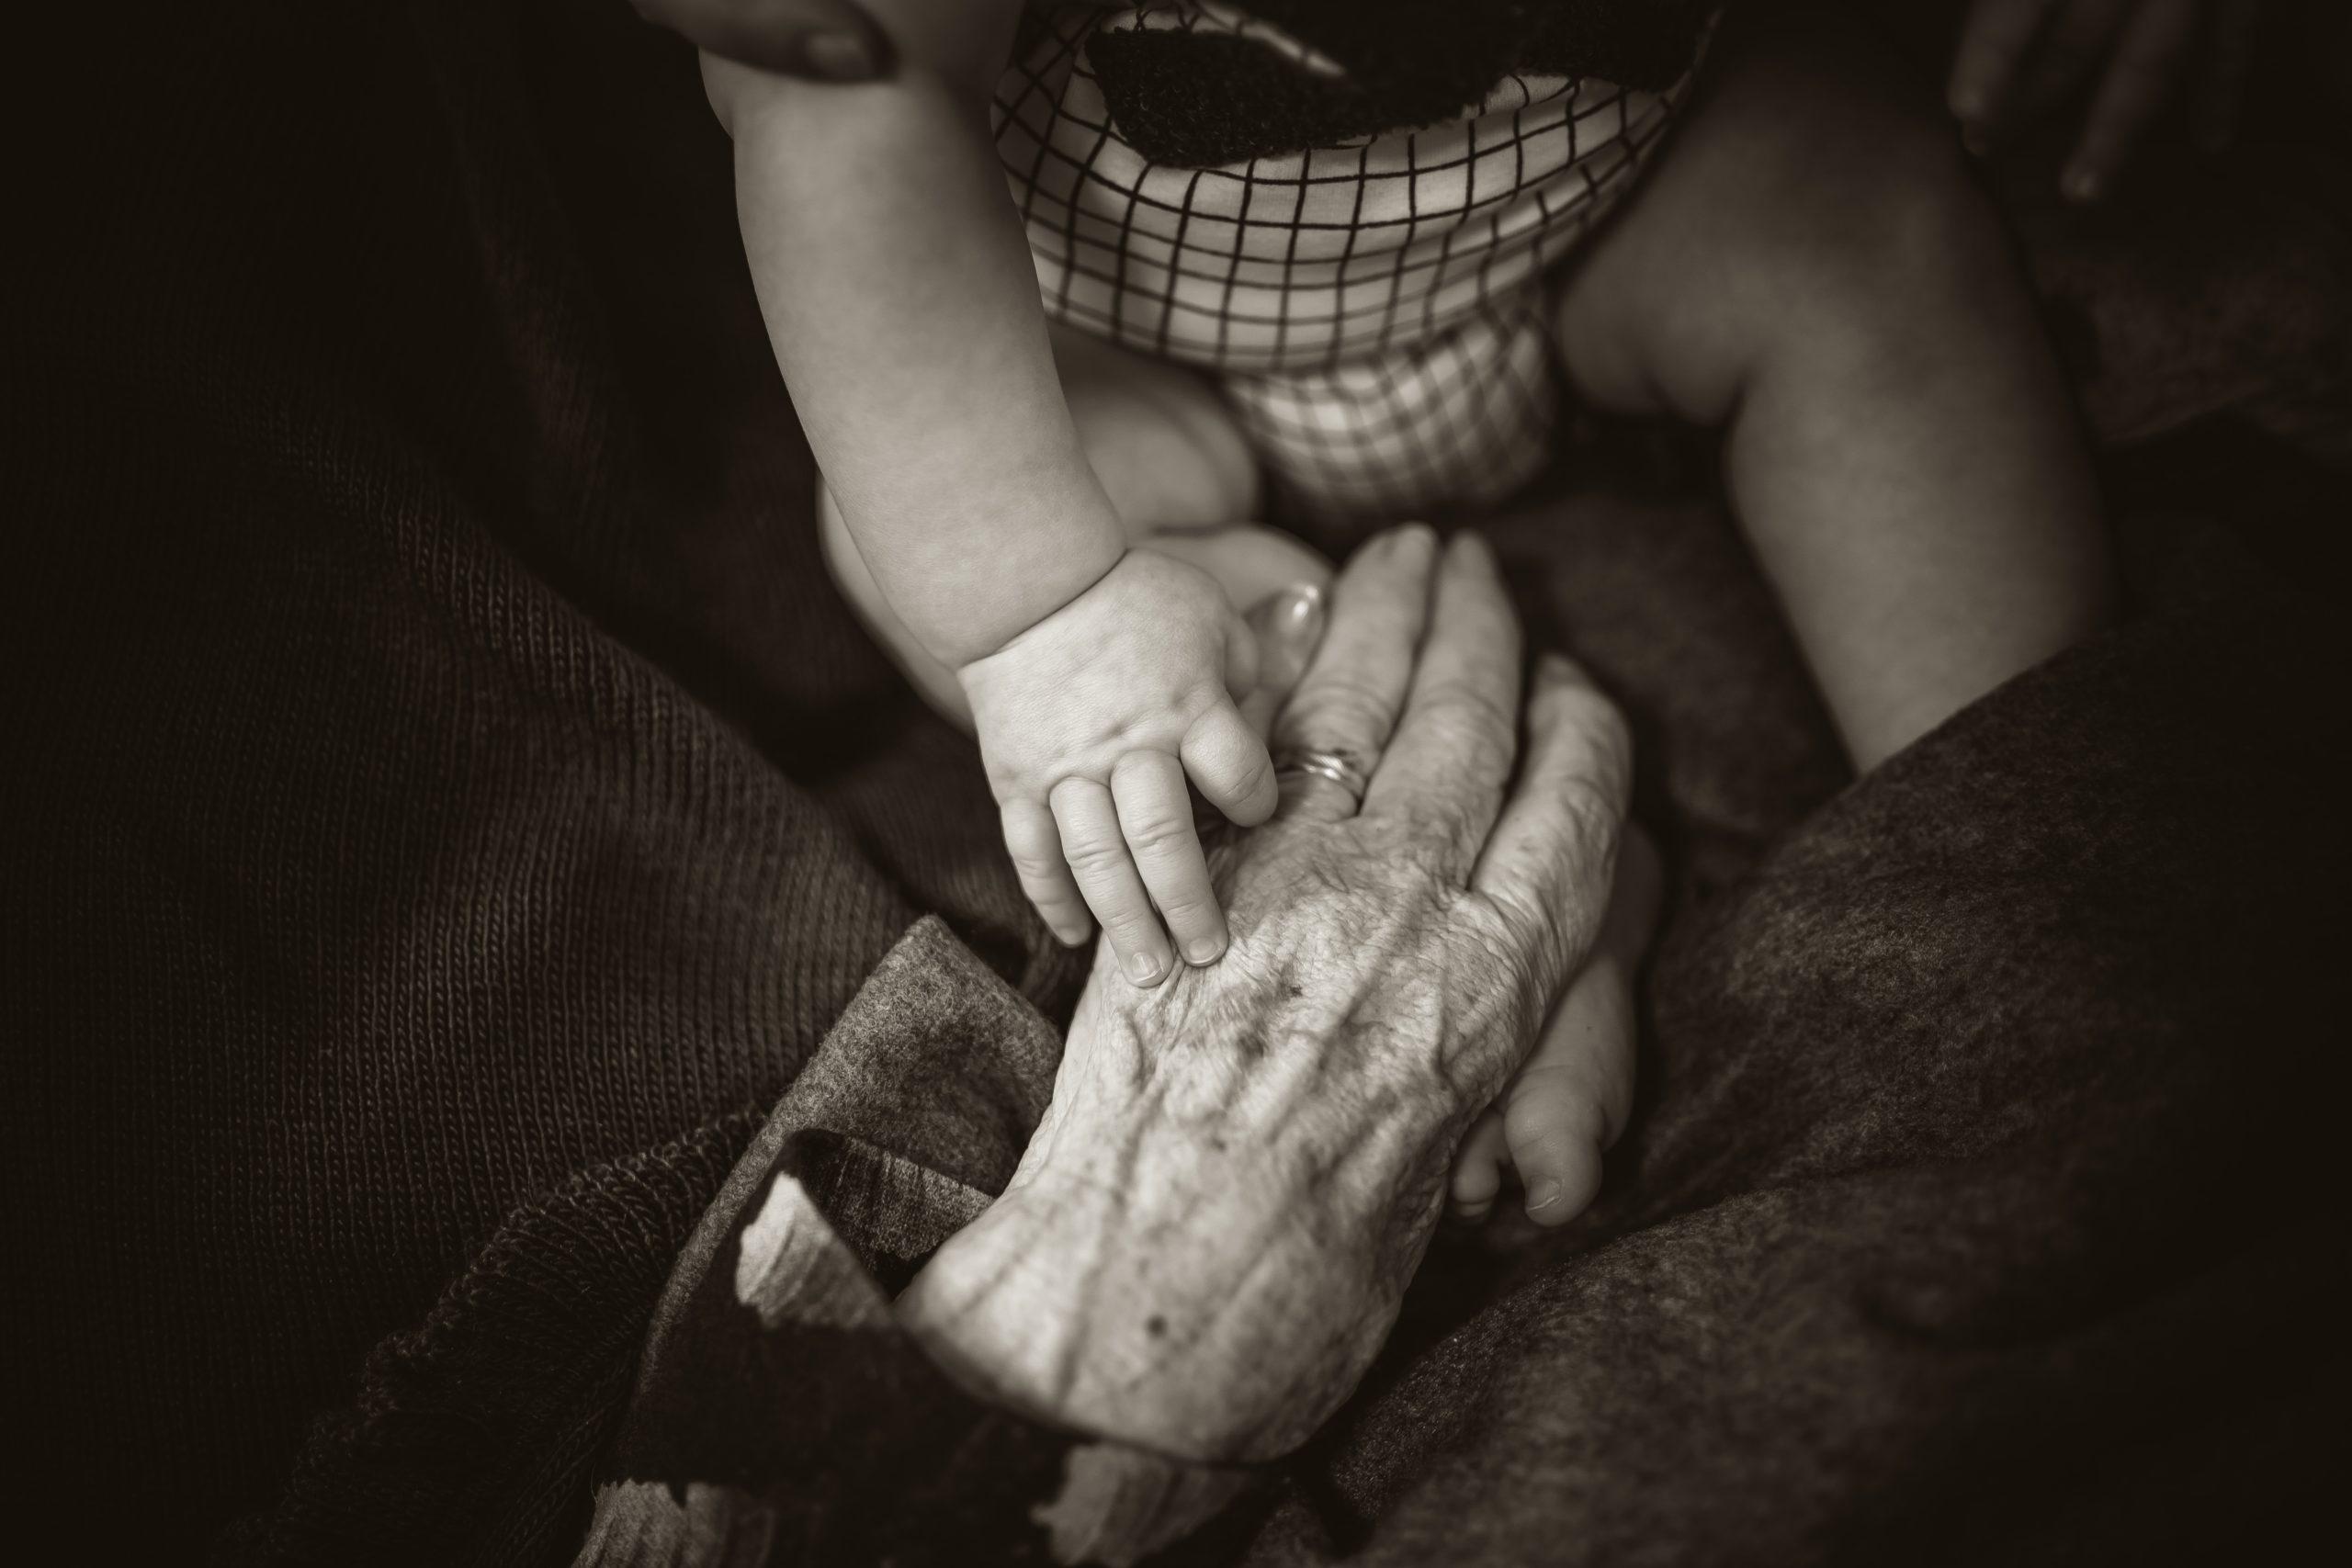 Día Internacional de las Personas de Edad: cómo redignificar a los adultos mayores